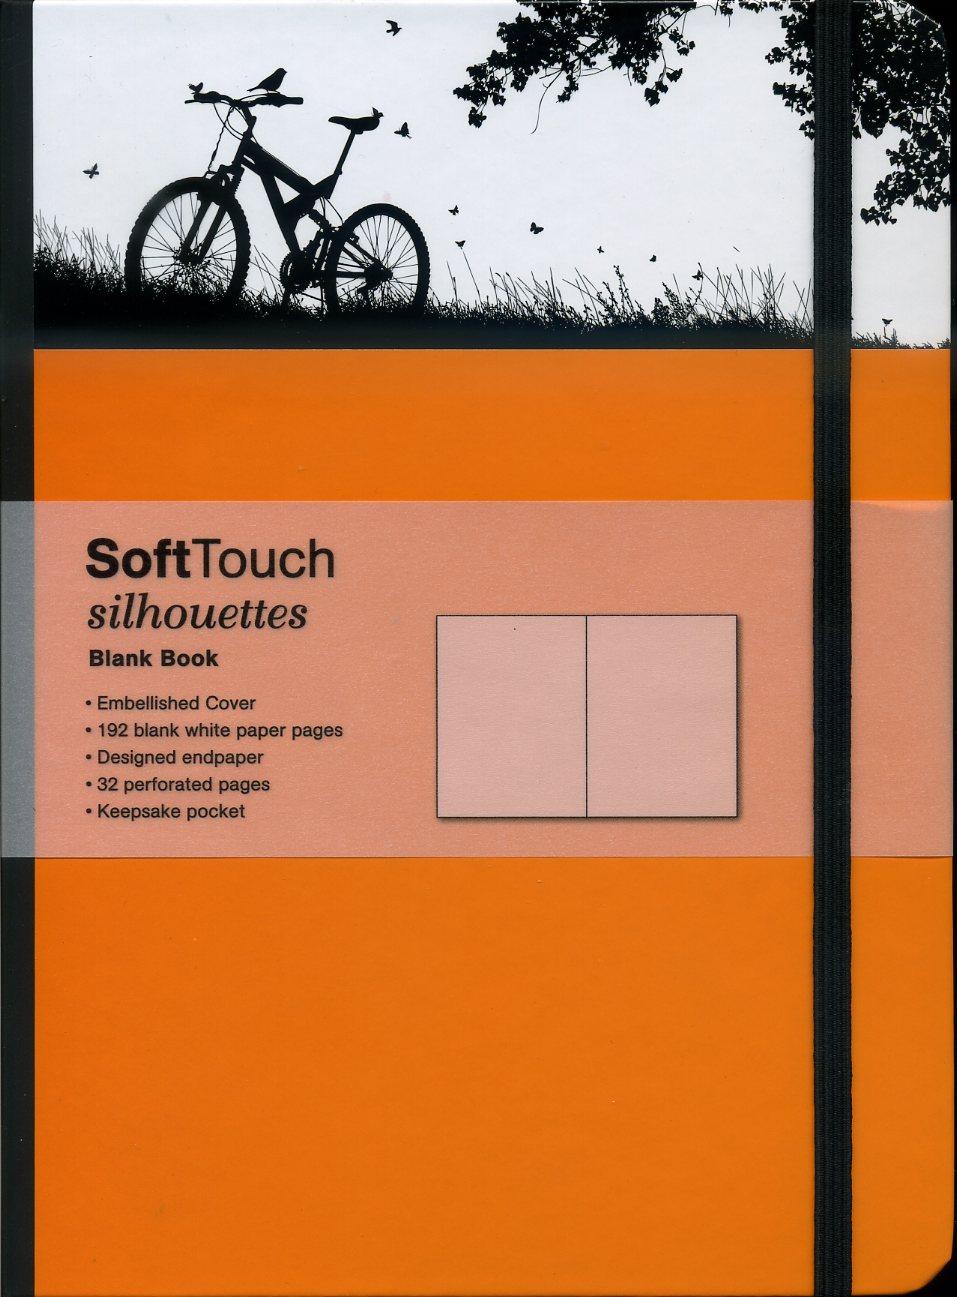 SoftTouch Silhouettes Bike 16x22cm 4002725260918  TeNeues   Reisverhalen Reisinformatie algemeen